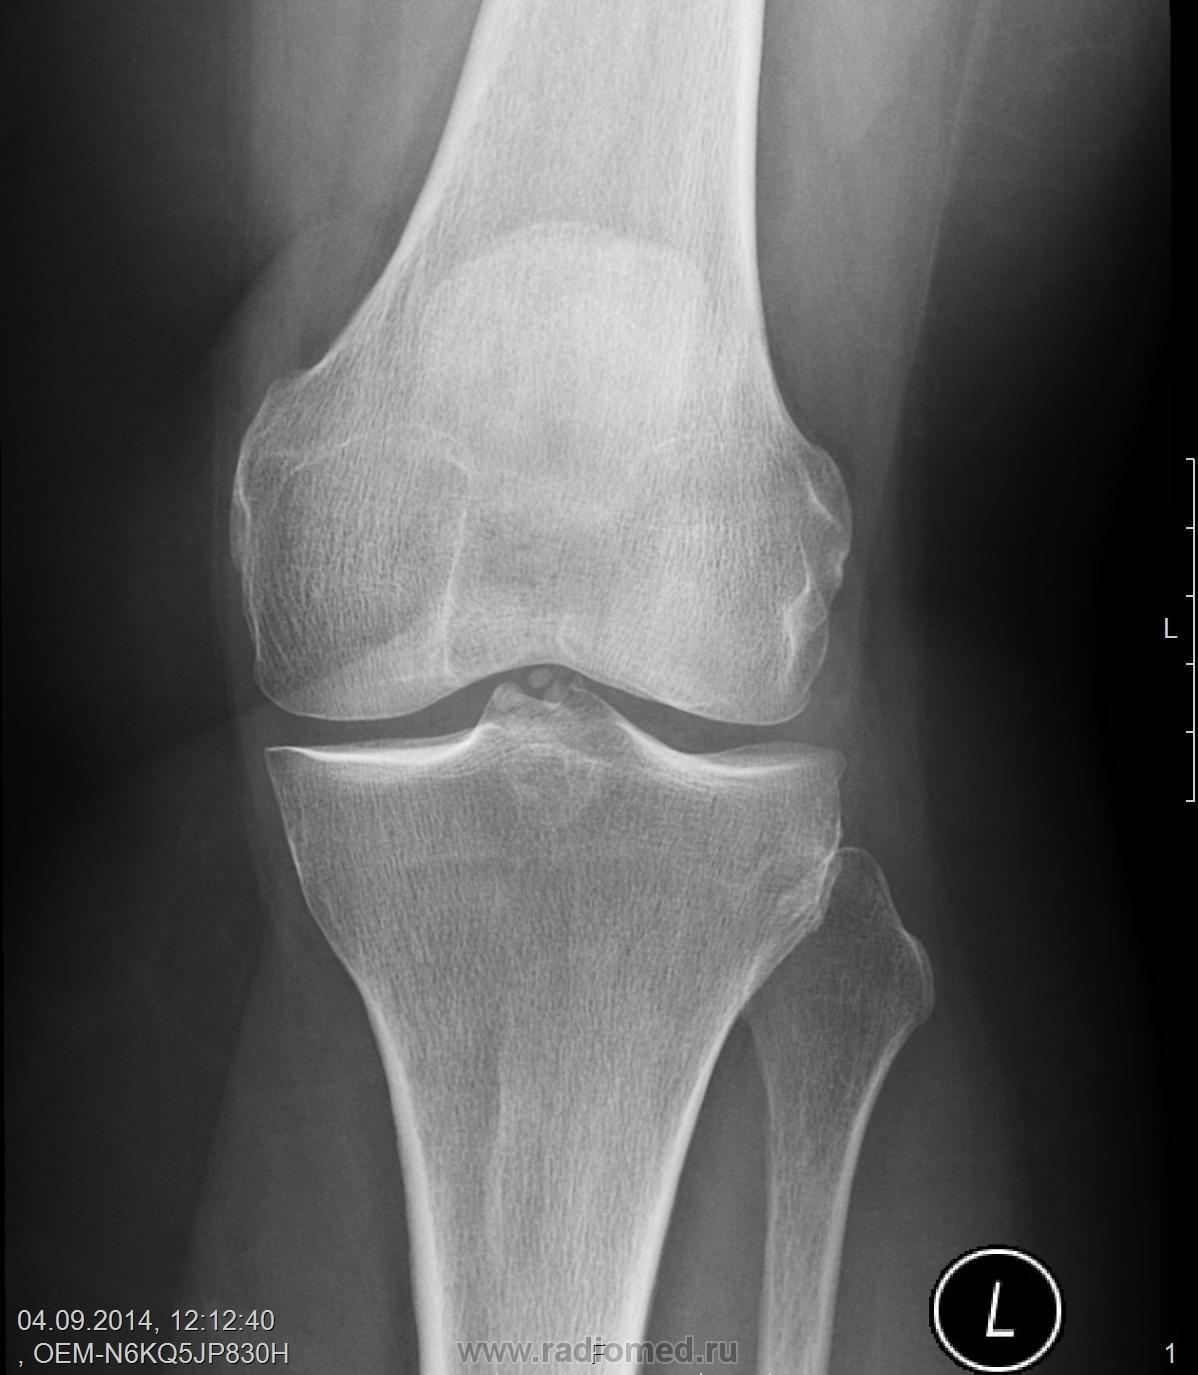 Хондромное тело в коленном суставе рентгенодиагностика замена тазобедренного сустава в енакие